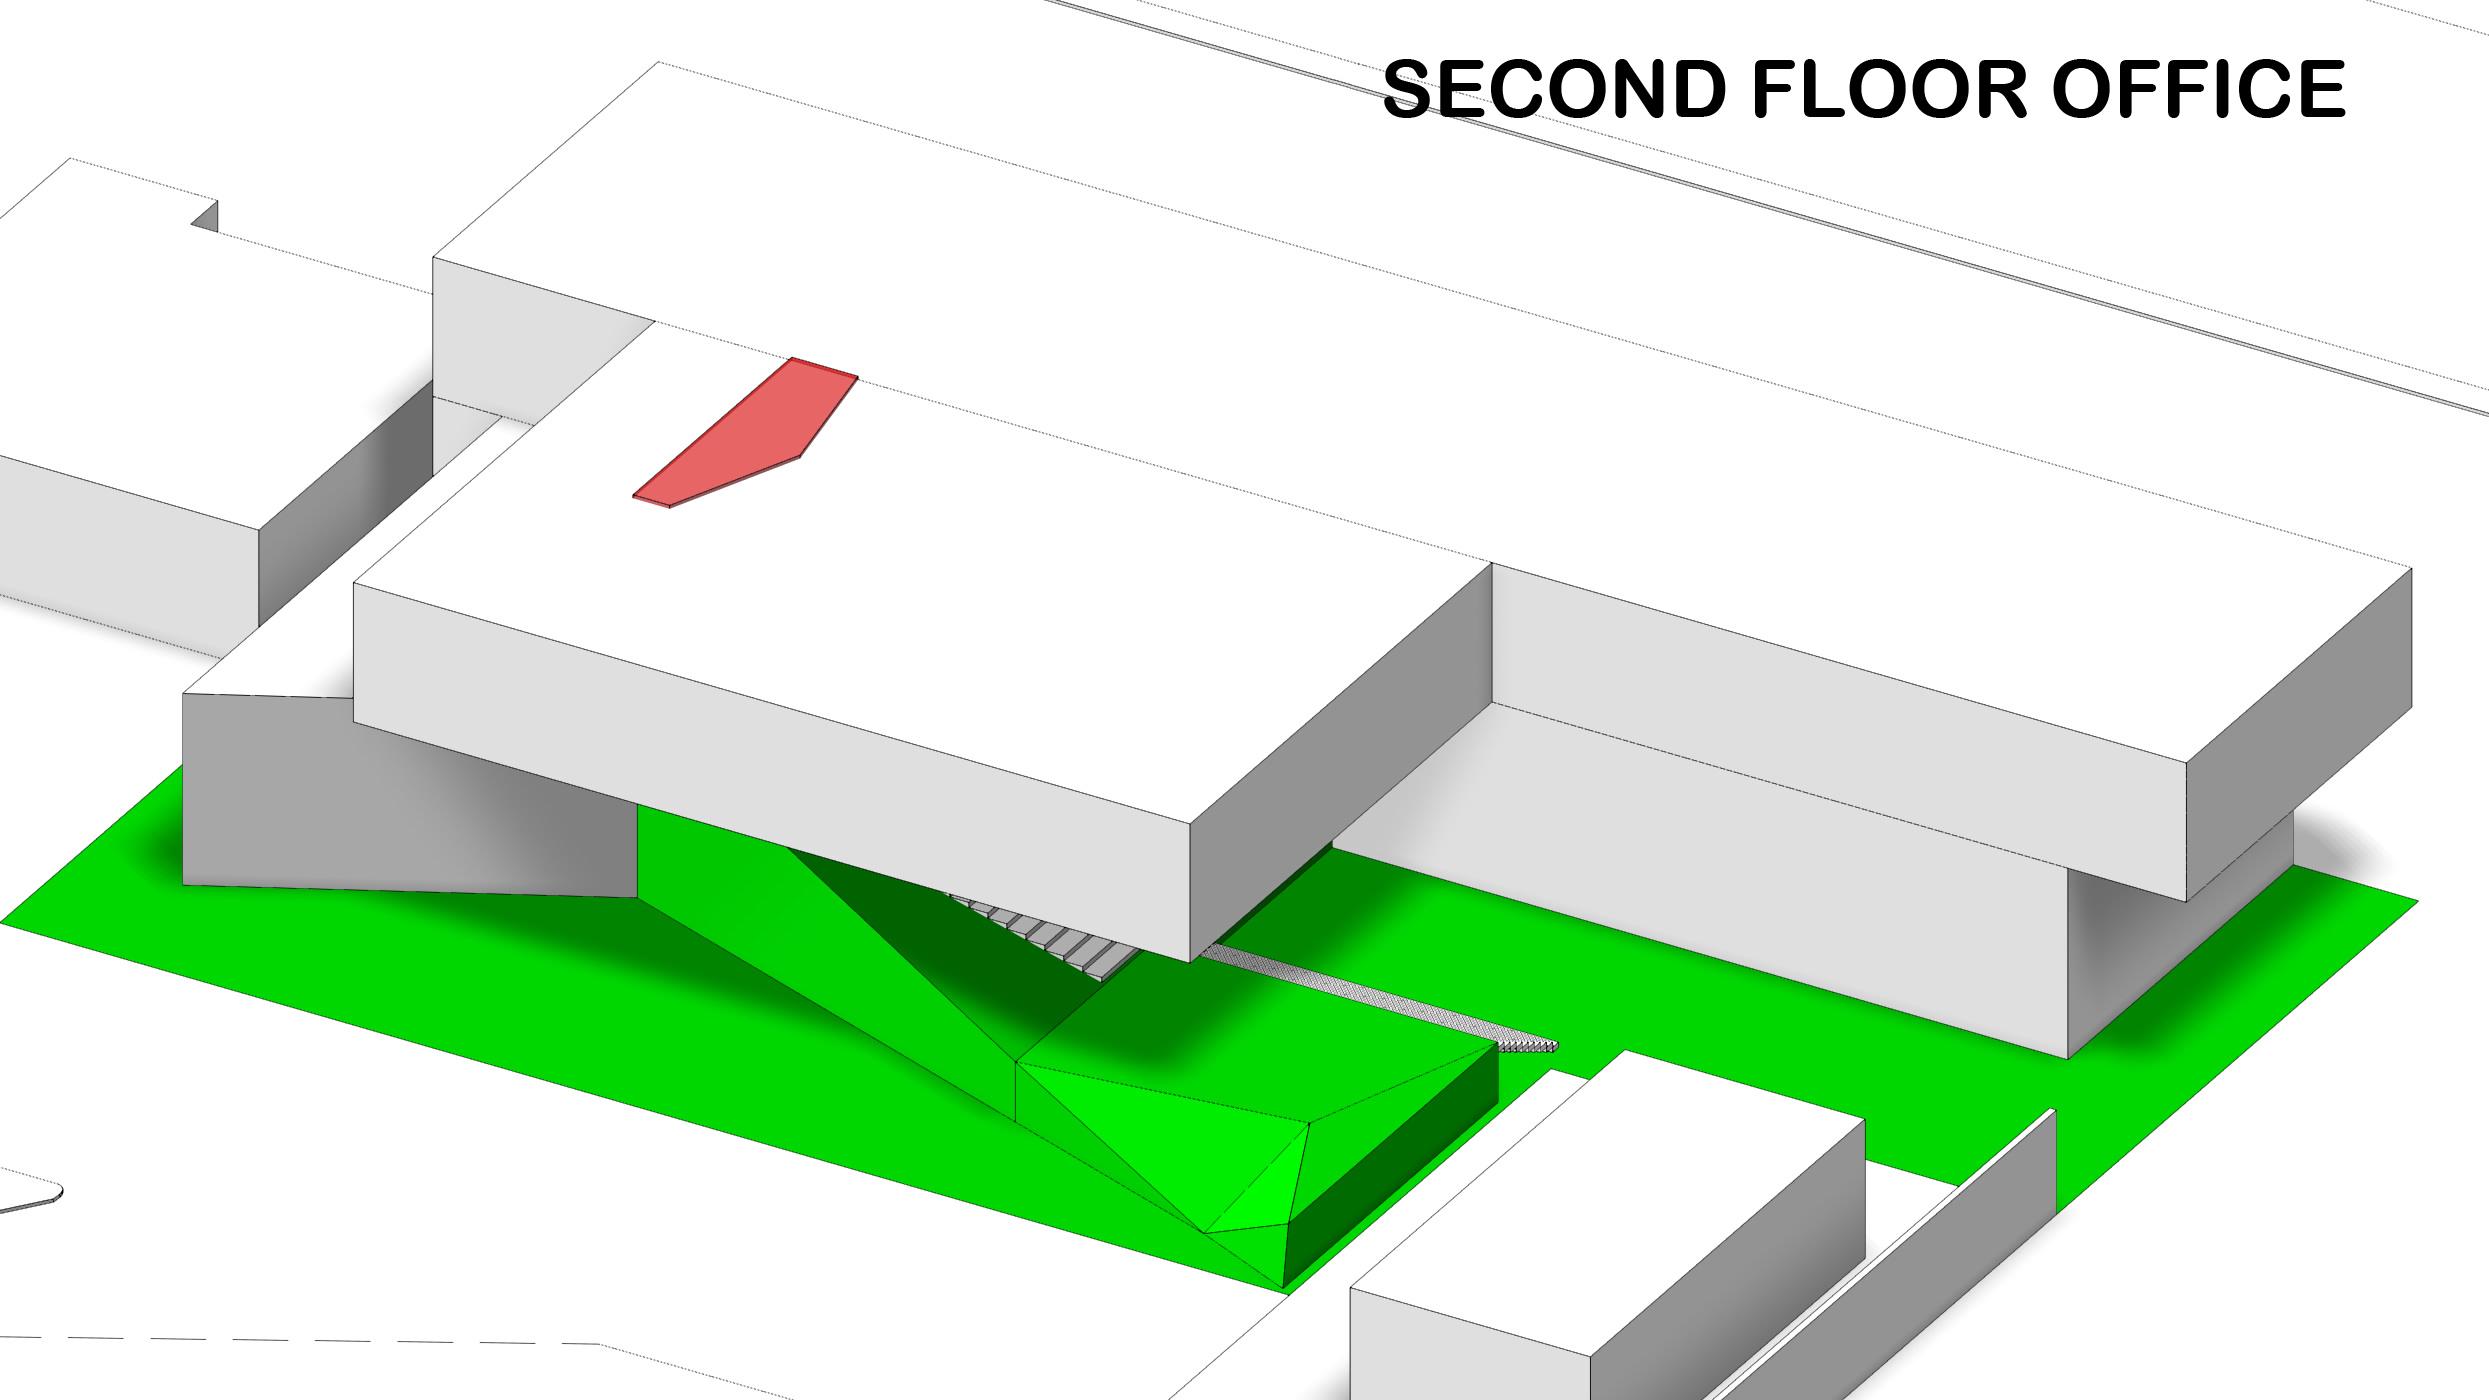 07 second floor